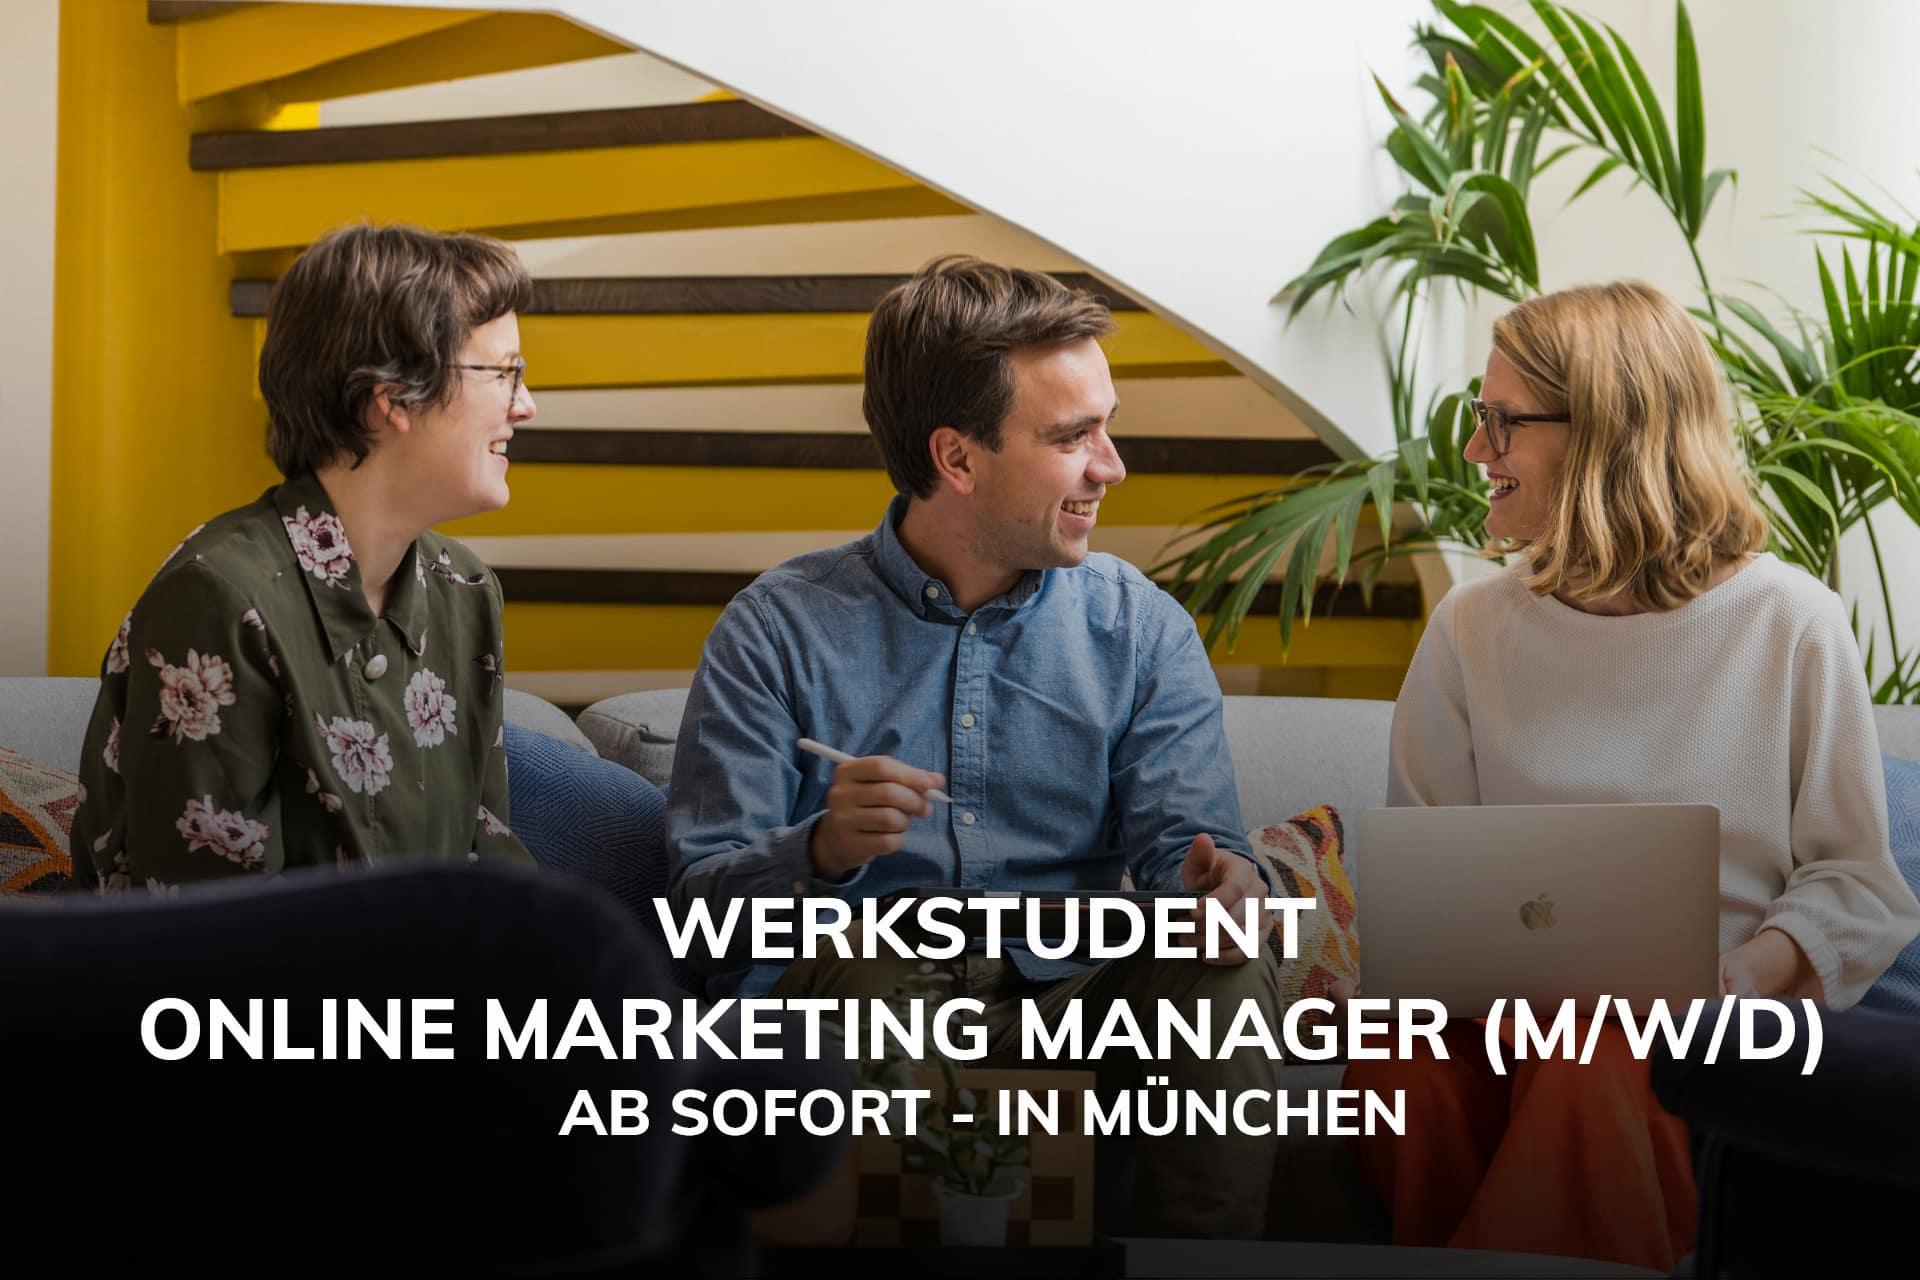 Online Marketing Manager Jobs München